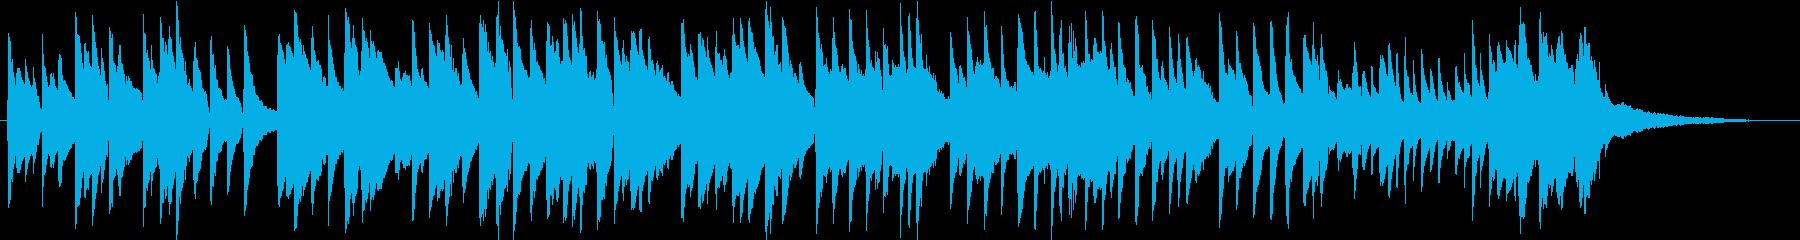 「七夕さま」をロマンチックなピアノソロでの再生済みの波形